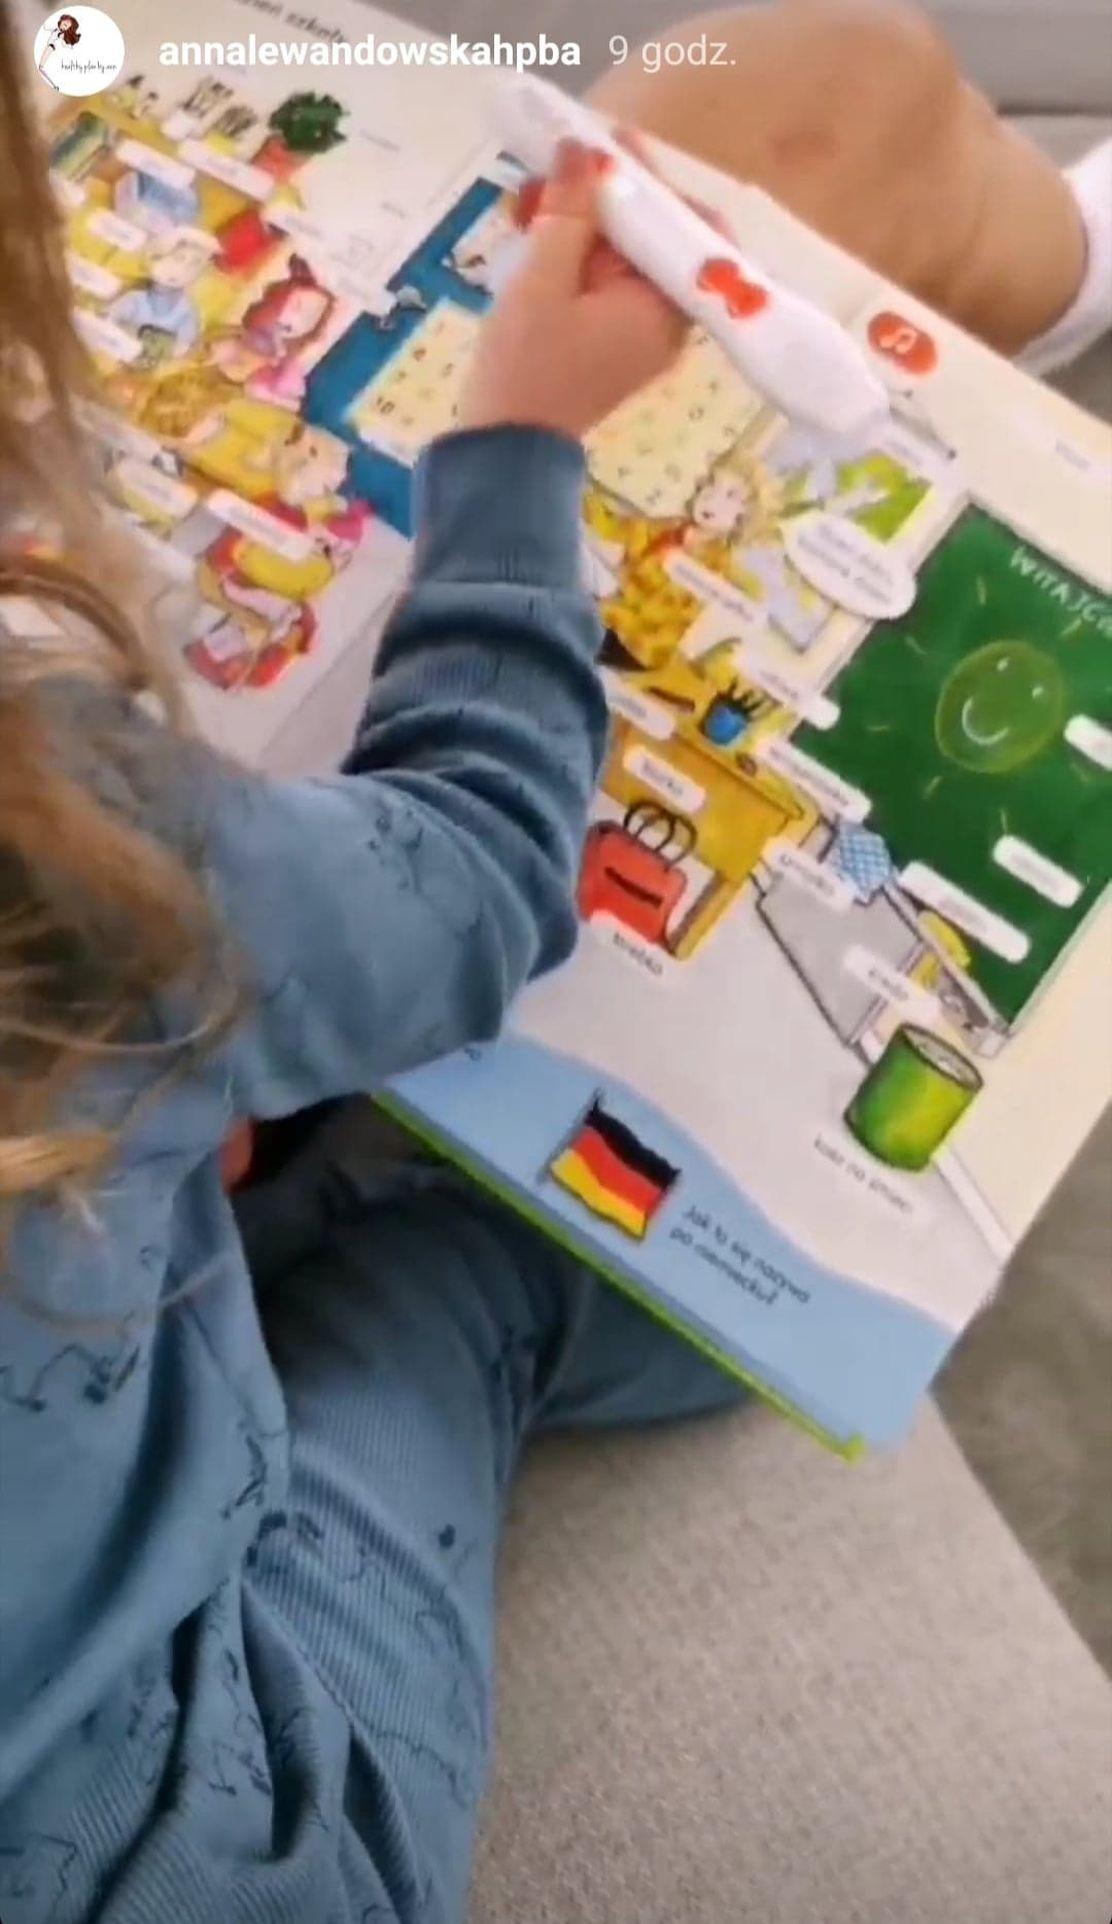 Klara Lewandowska uczy się angielskiego i niemieckiego